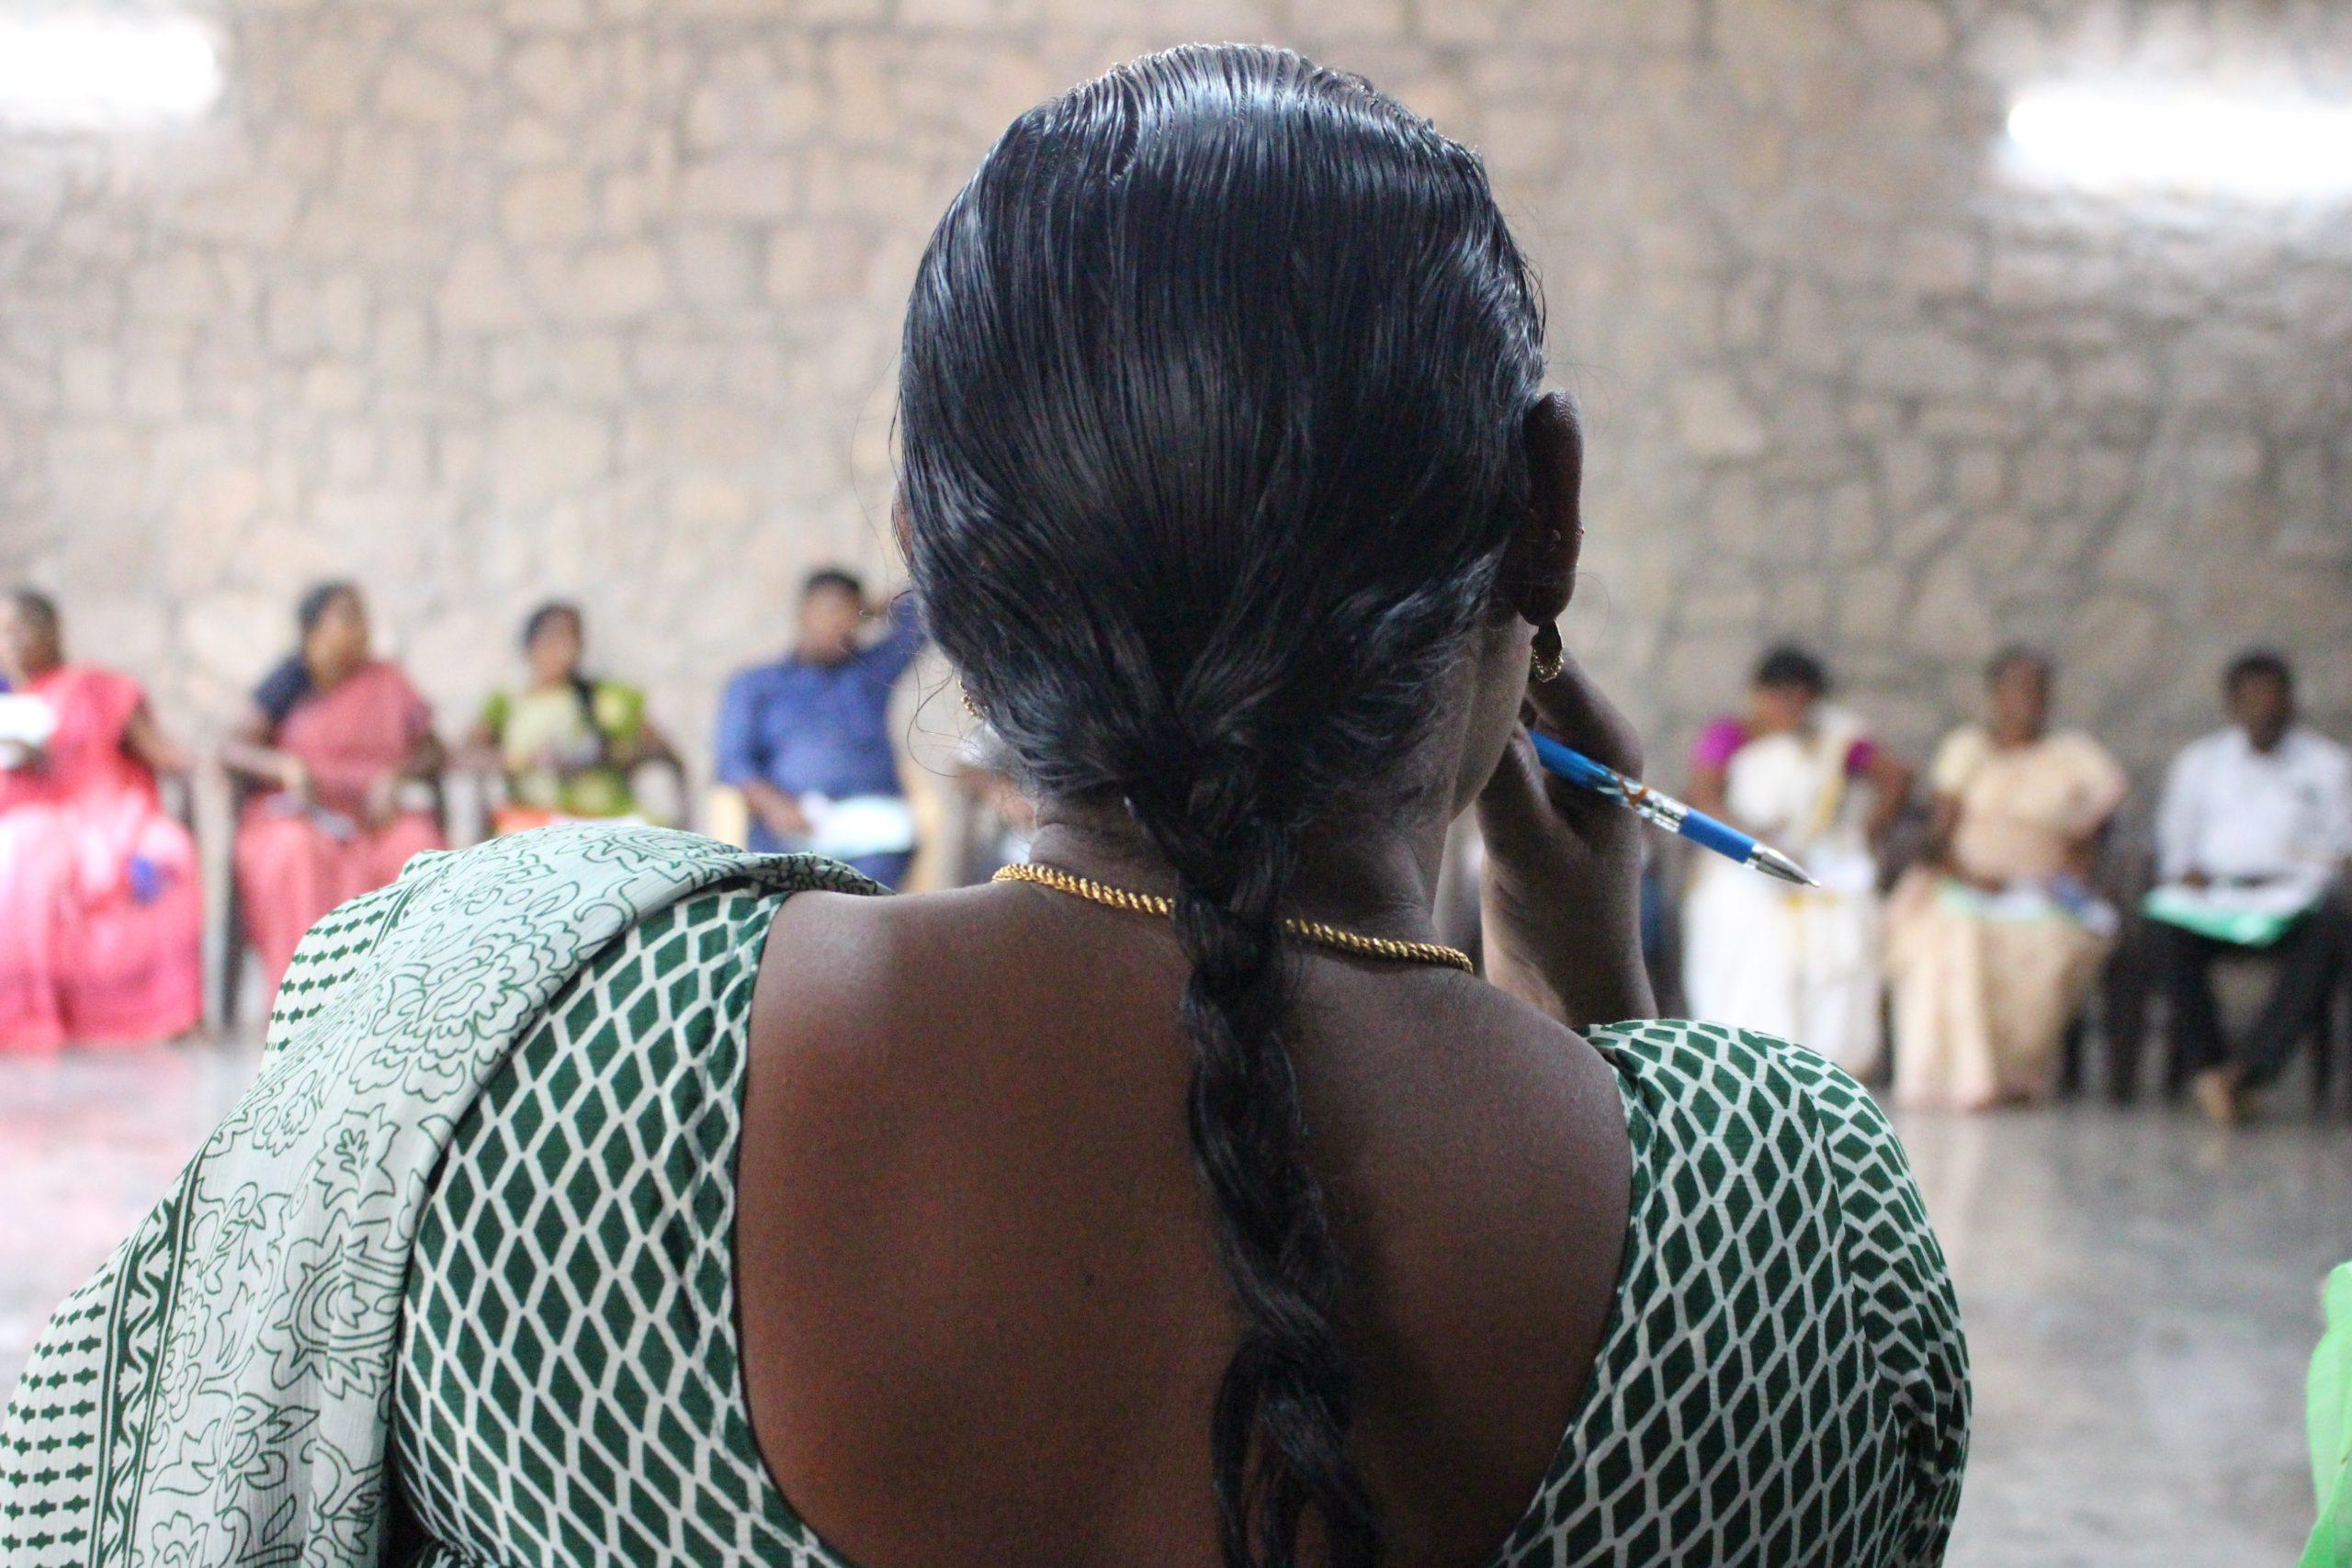 Indisk kvinna sitter med ryggen mot kameran. Hon delat på en workshop kring mänskliga rättigheter i Indien.